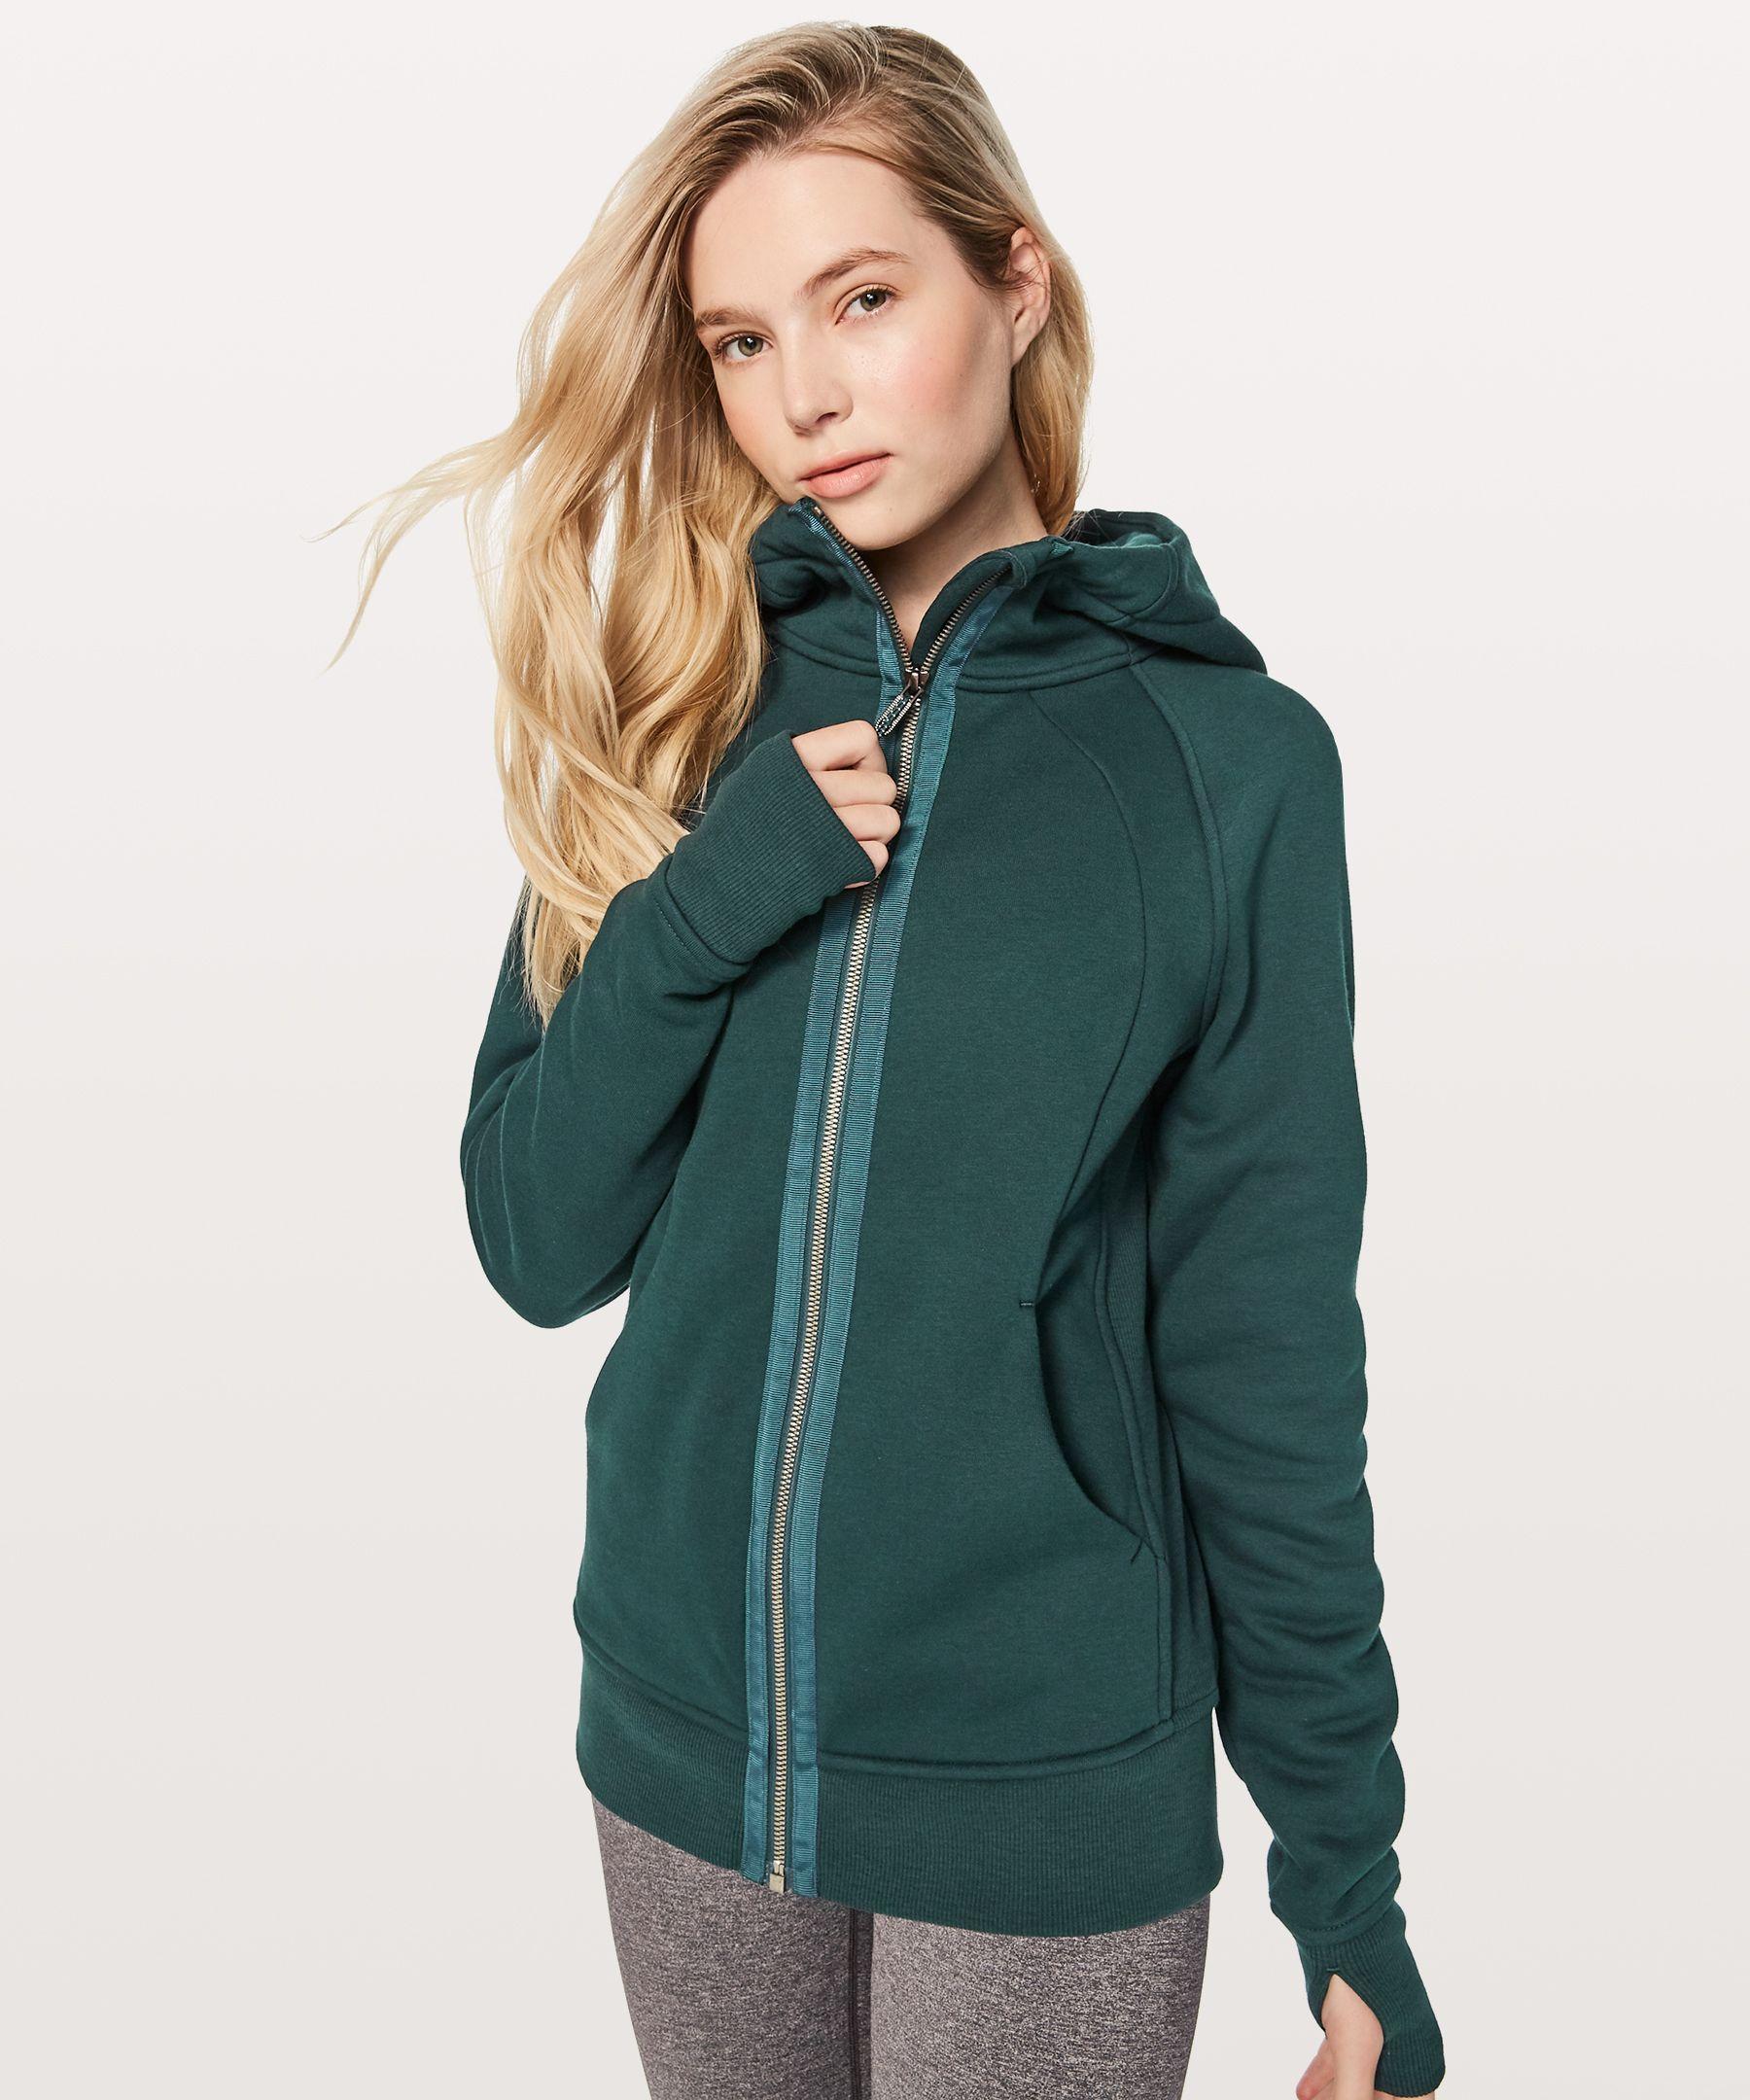 Lululemon black winter jacket